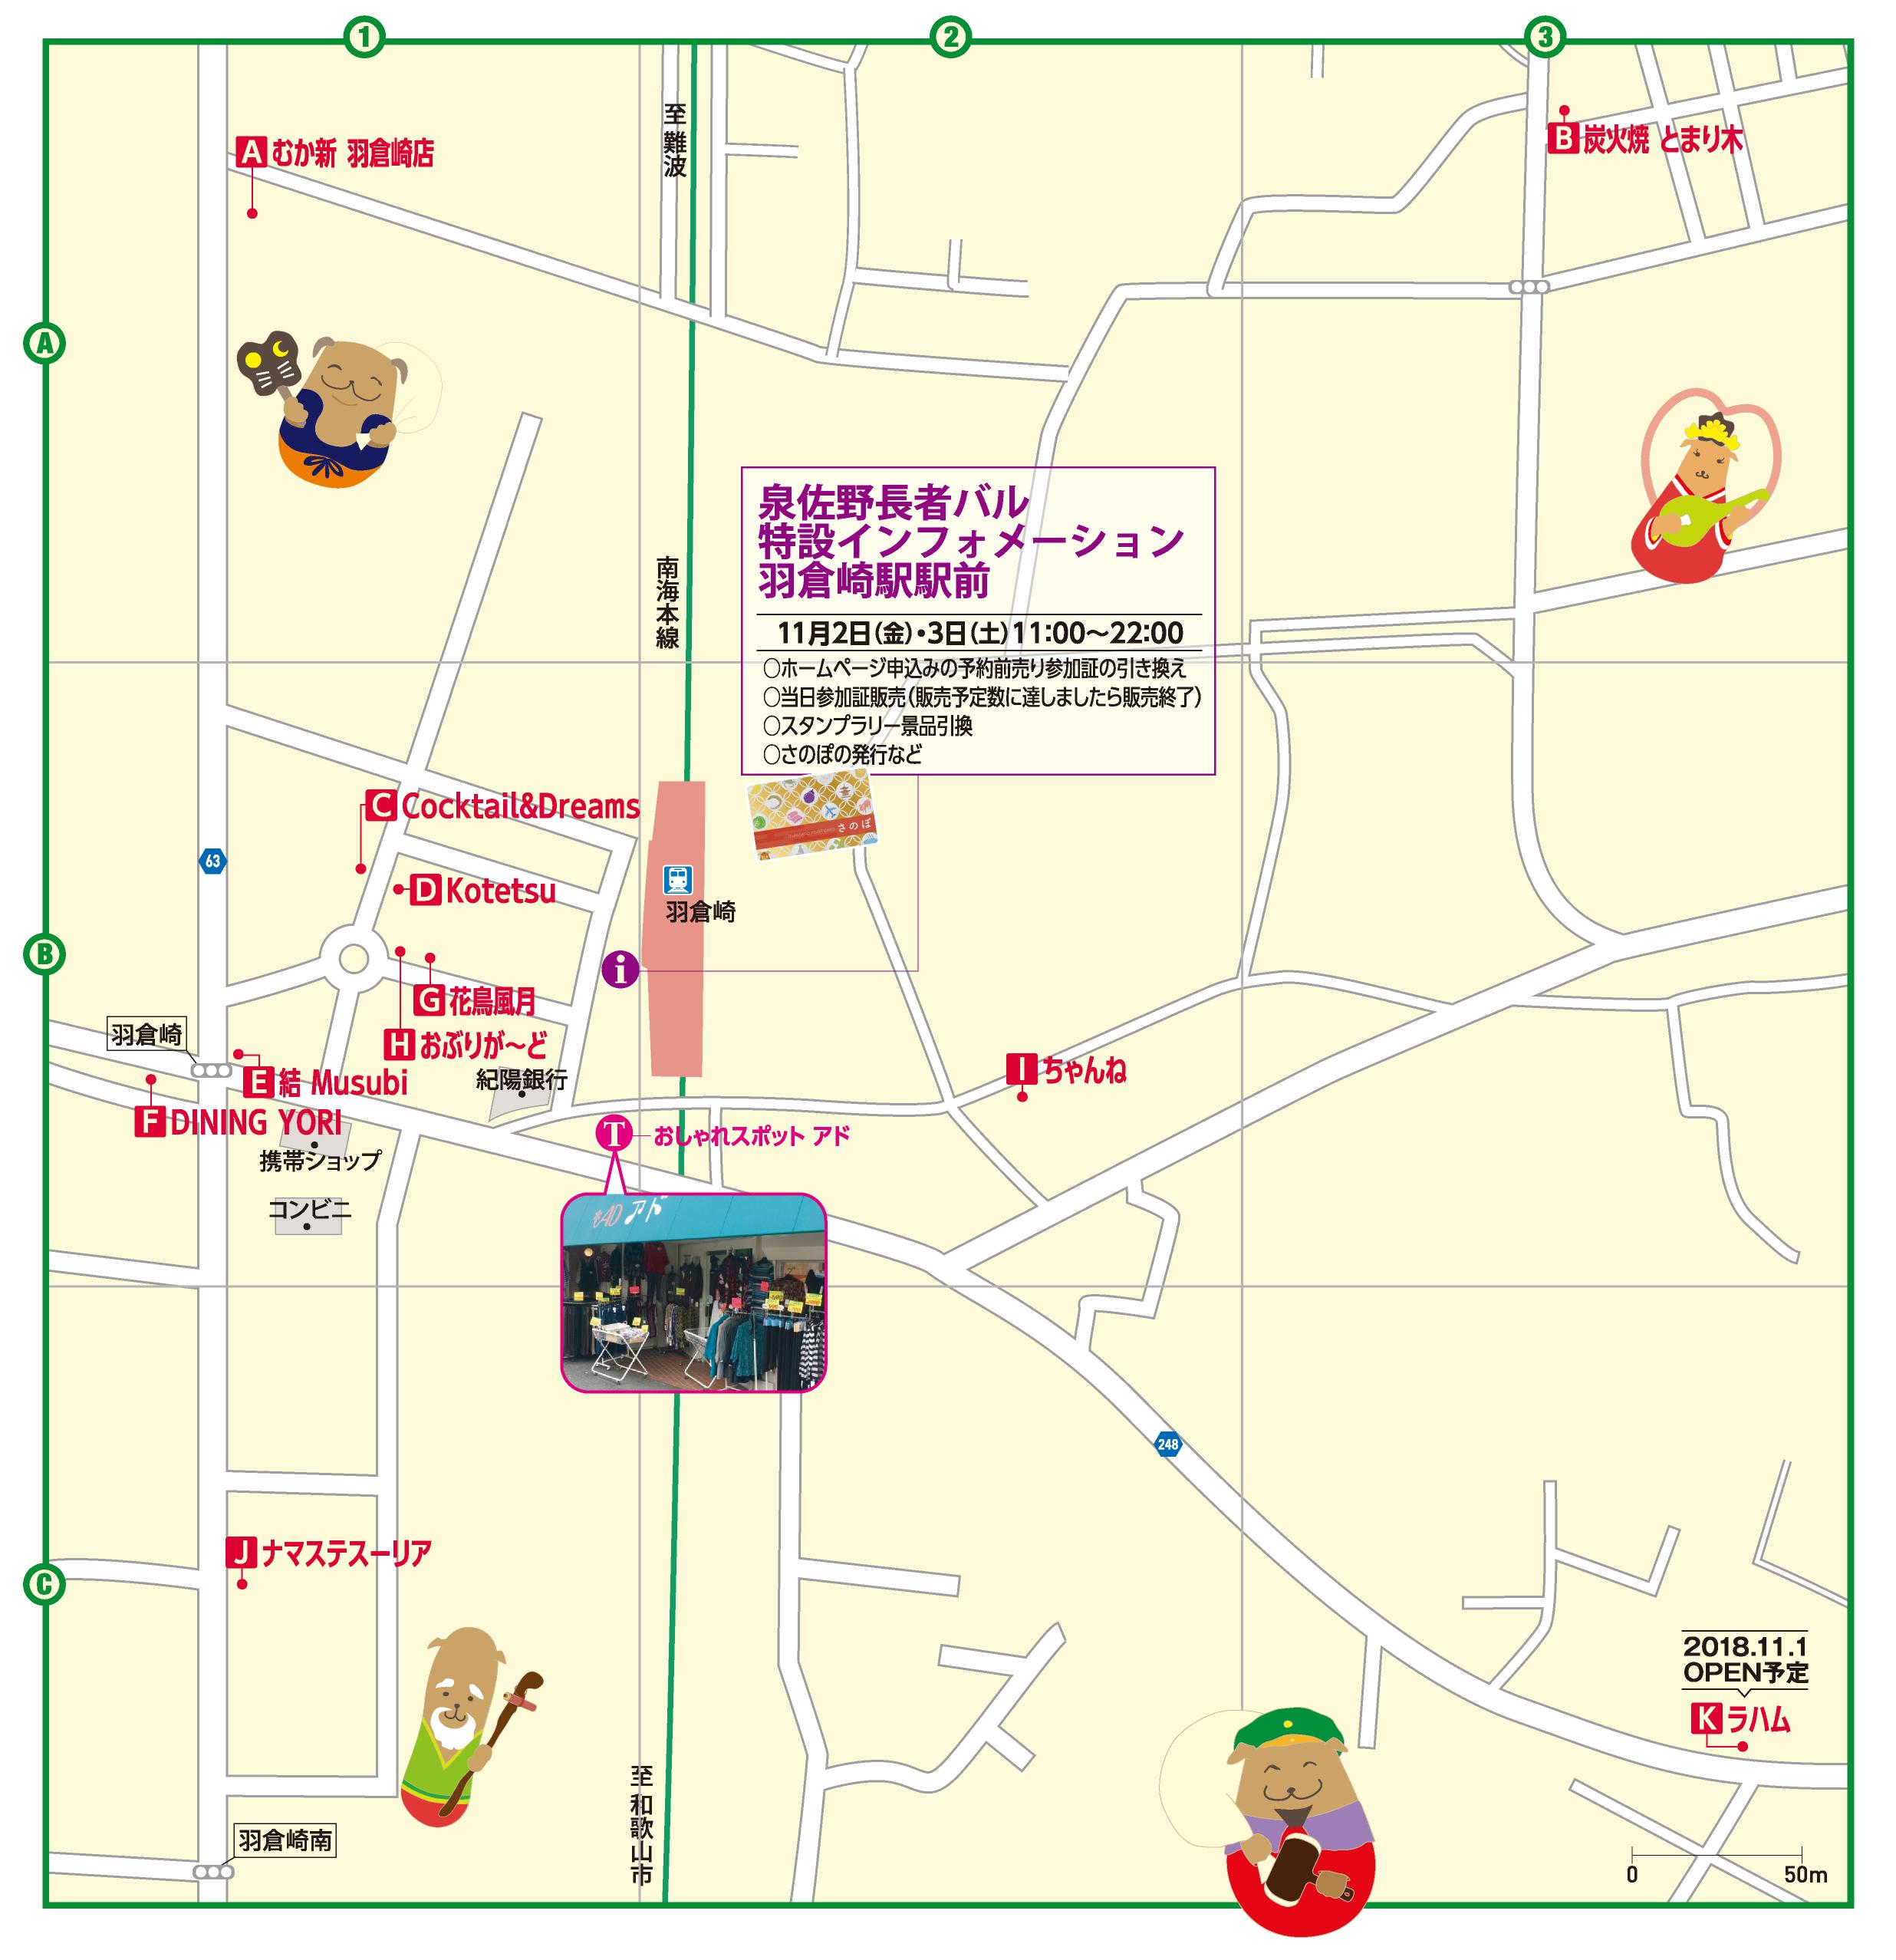 羽柄崎駅参加店地図